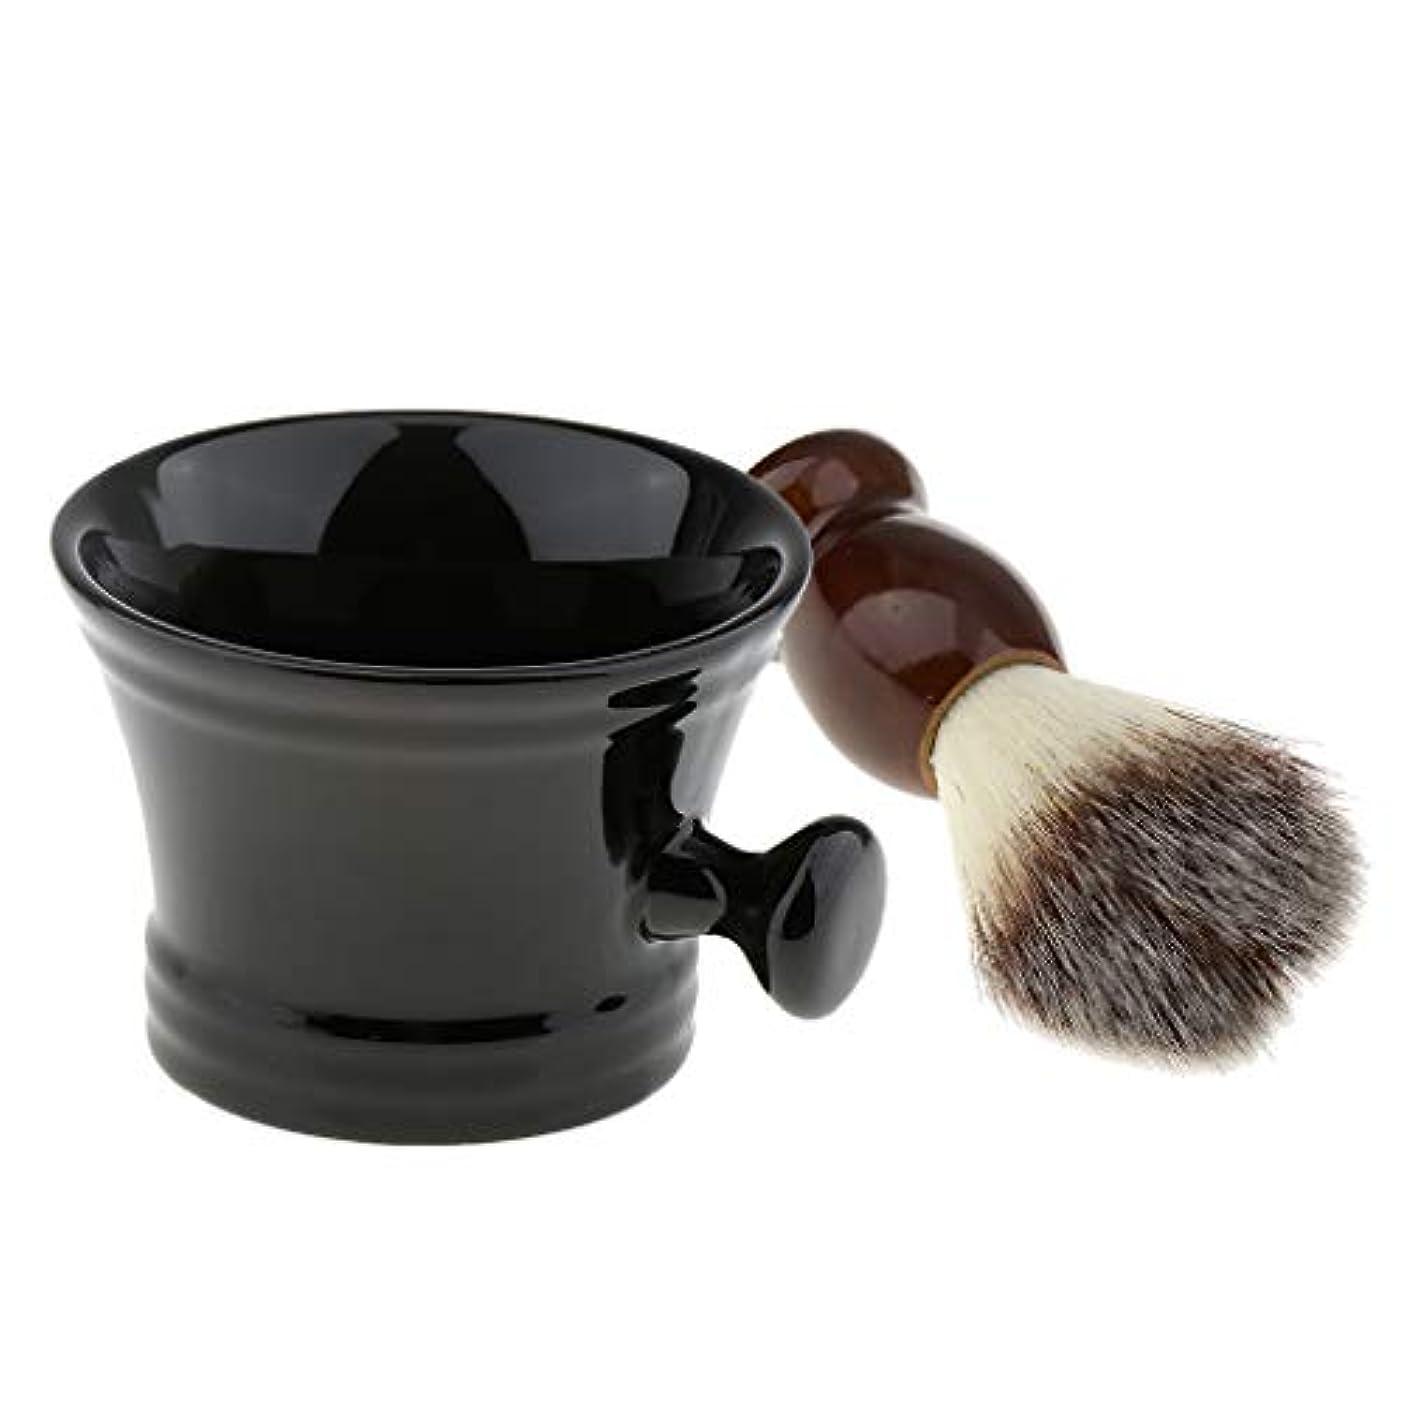 複雑な手紙を書くスノーケルシェービング用アクセサリー シェービングブラシ シェービングボウル 男性 理容 洗顔 髭剃りキット 2点